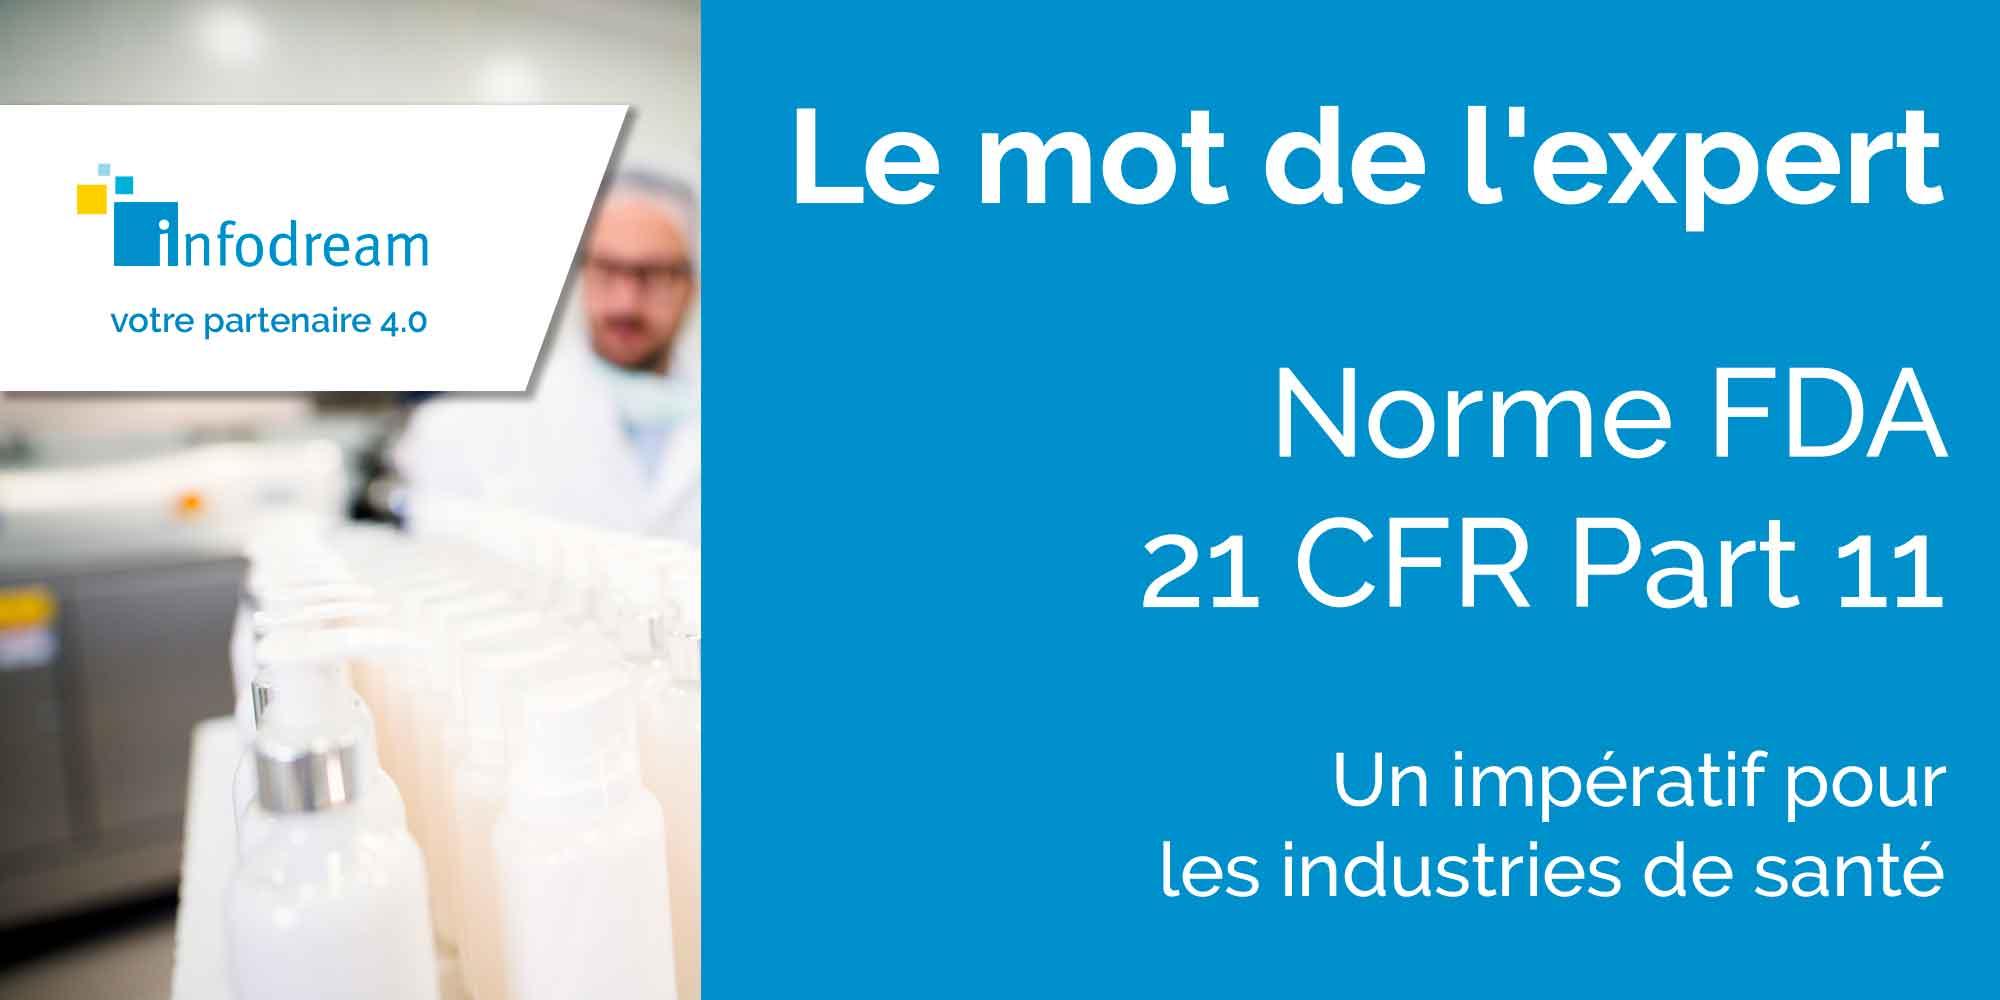 La Norme FDA Titre 21 CFR Part 11, Un Impératif Pour Les Industries De Santé